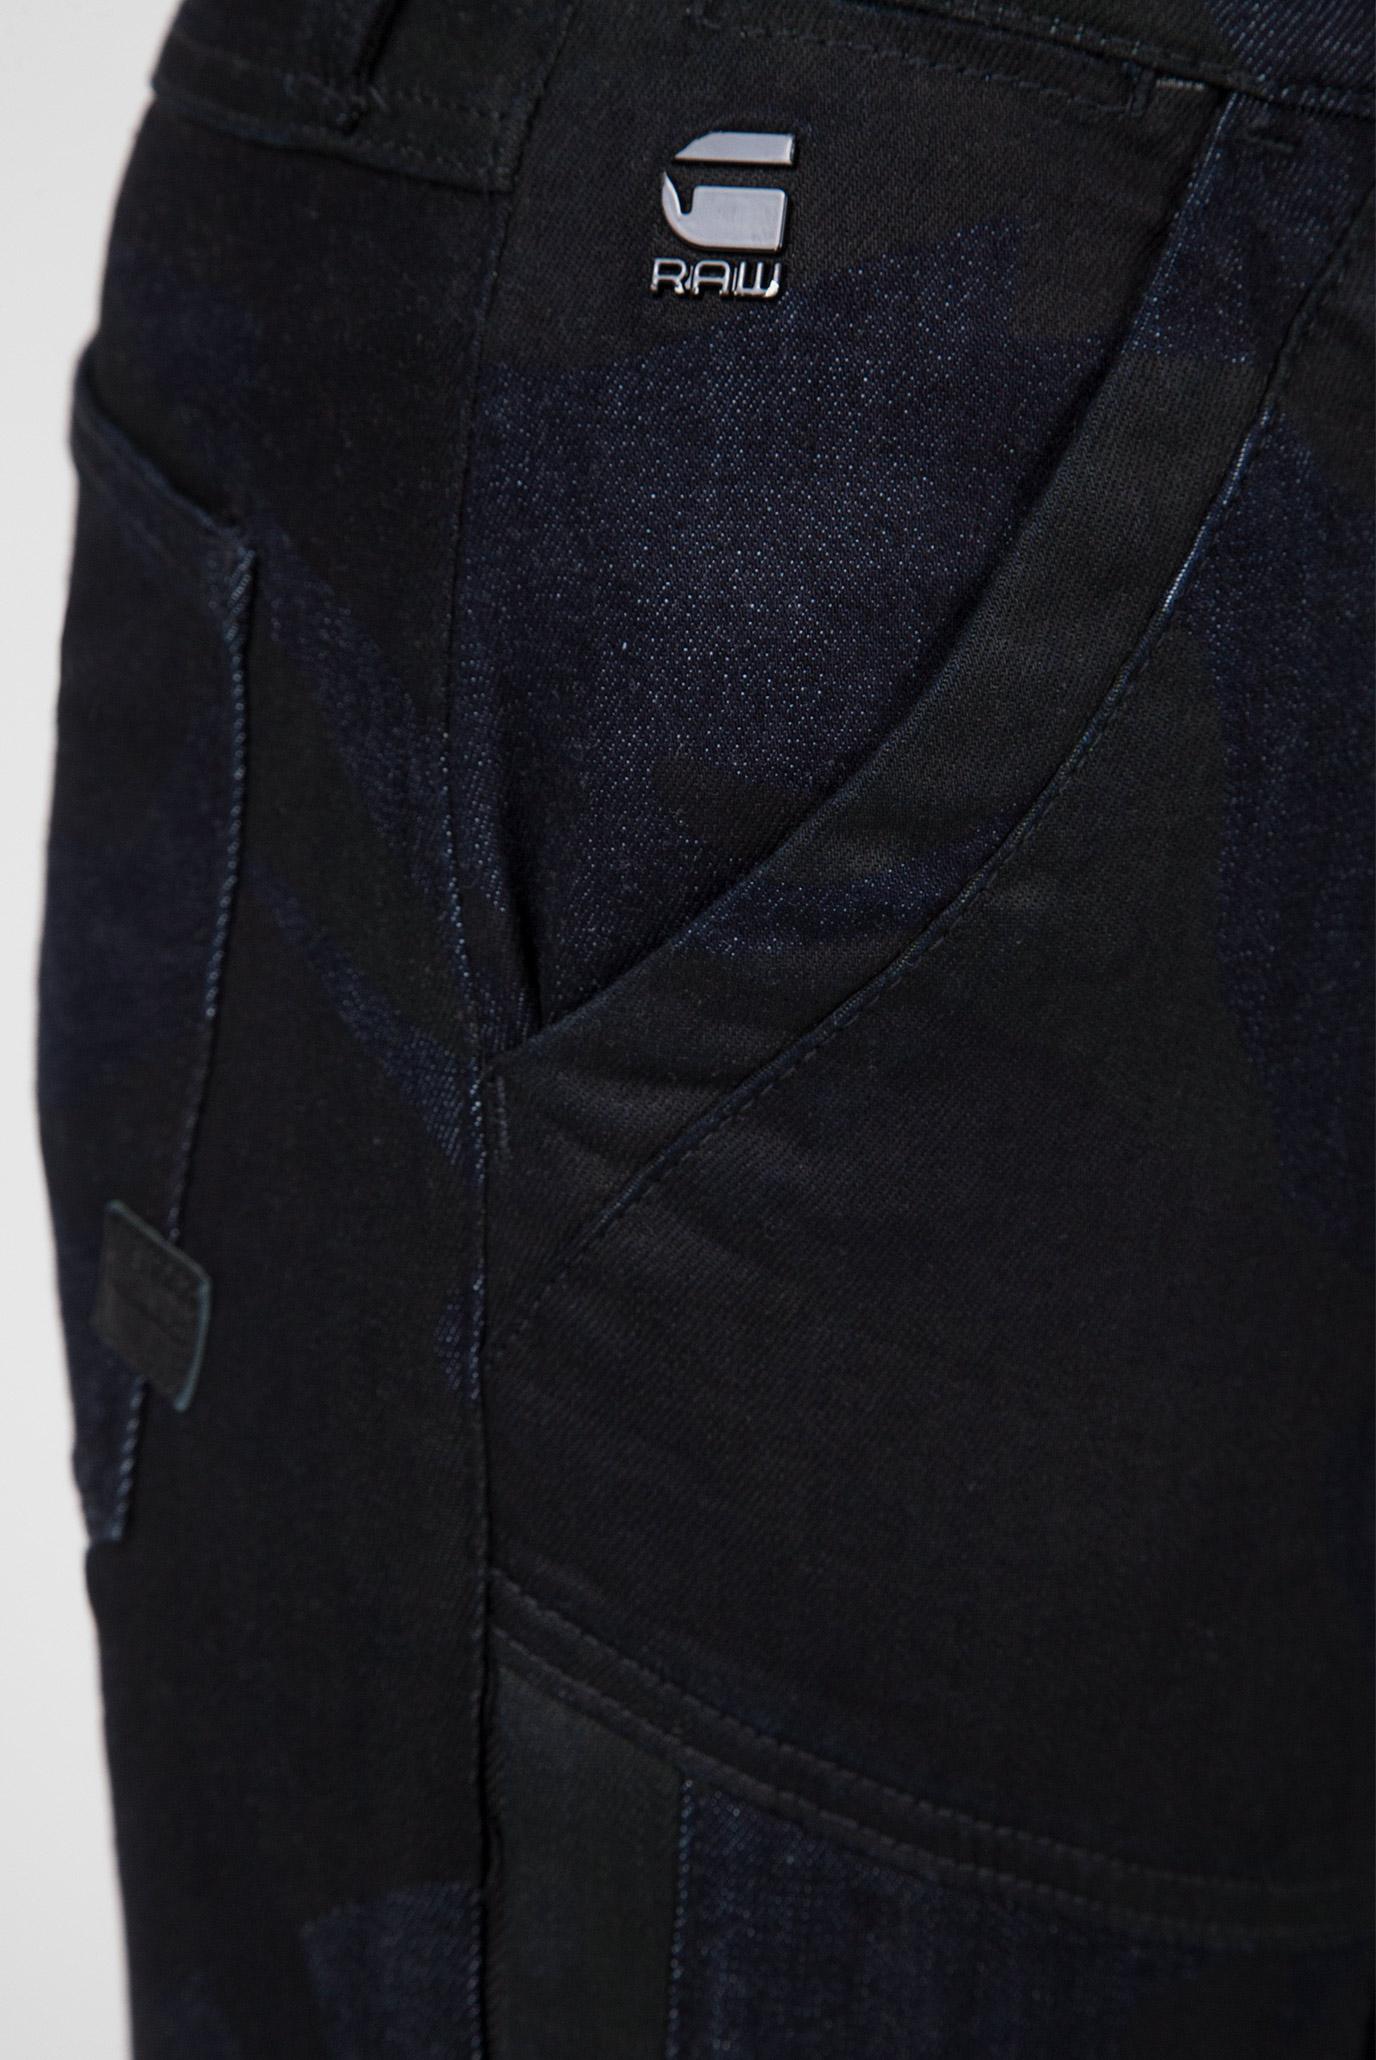 Купить Мужские темно-синие джинсы RACKAM DC SKINNY G-Star RAW G-Star RAW D11075,A724 – Киев, Украина. Цены в интернет магазине MD Fashion